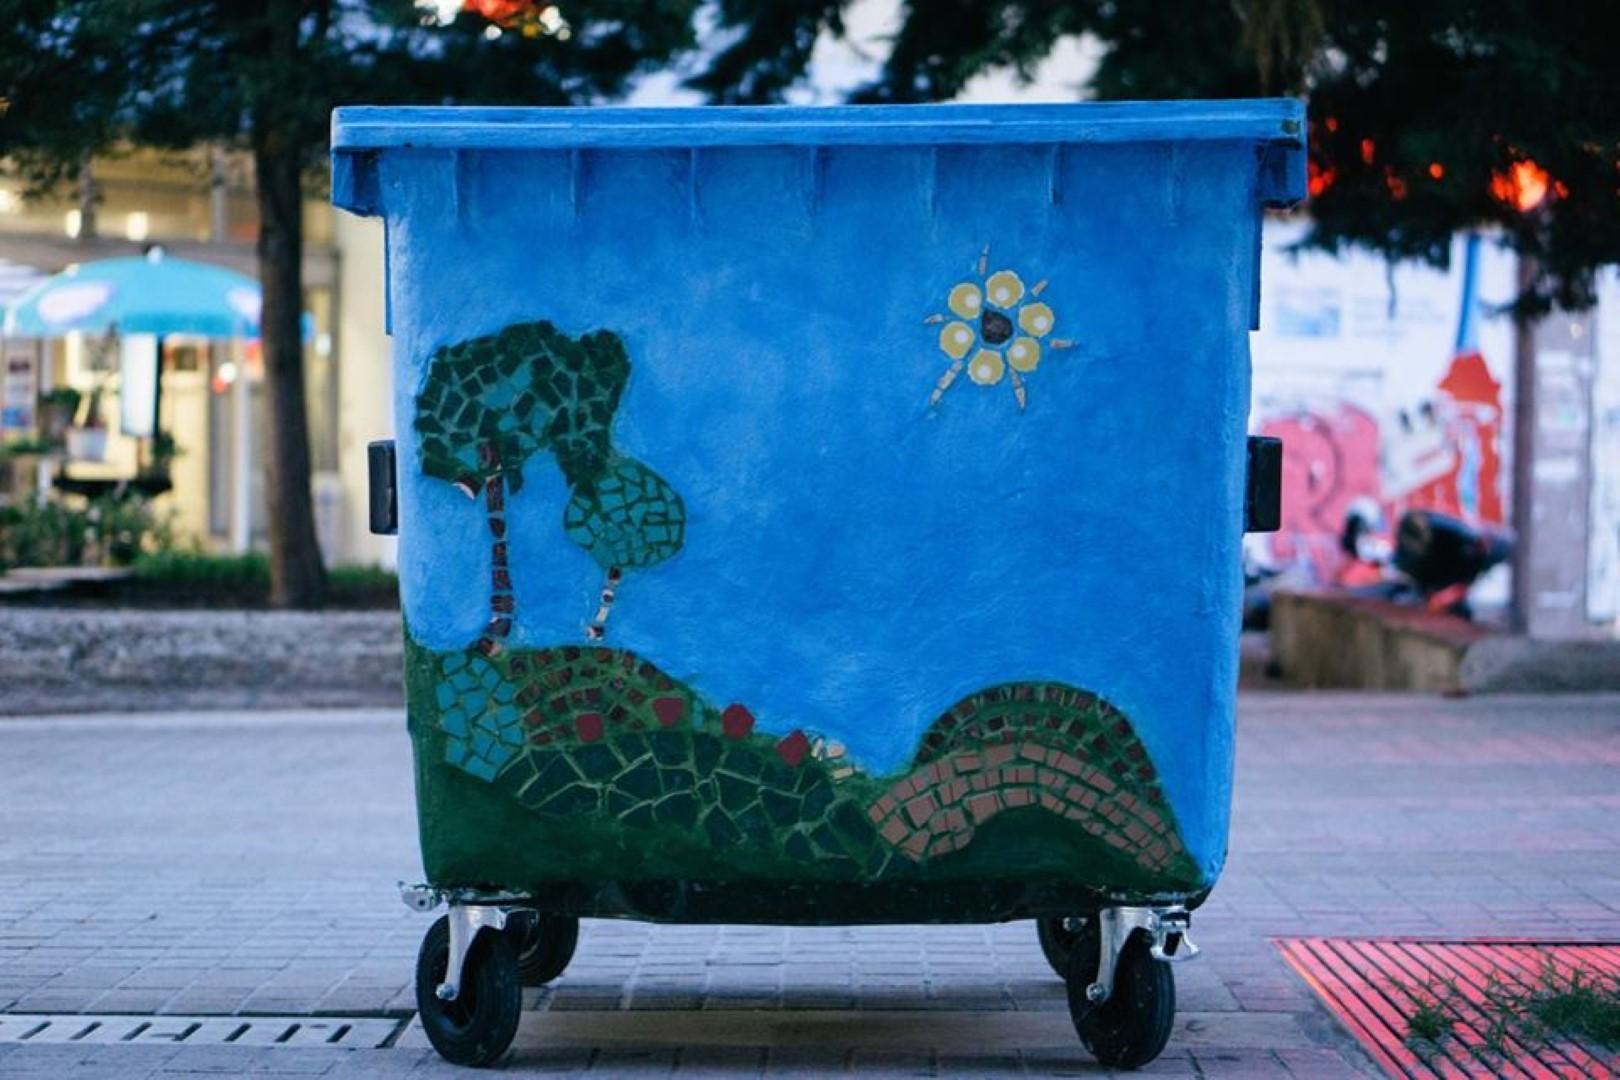 Παρεμβάσεις σε κάδους απορριμάτων στην Πλατεία Νίκης Κοζάνης στο πλαίσιο της δράσης Κοζάνη, όμορφη πόλη